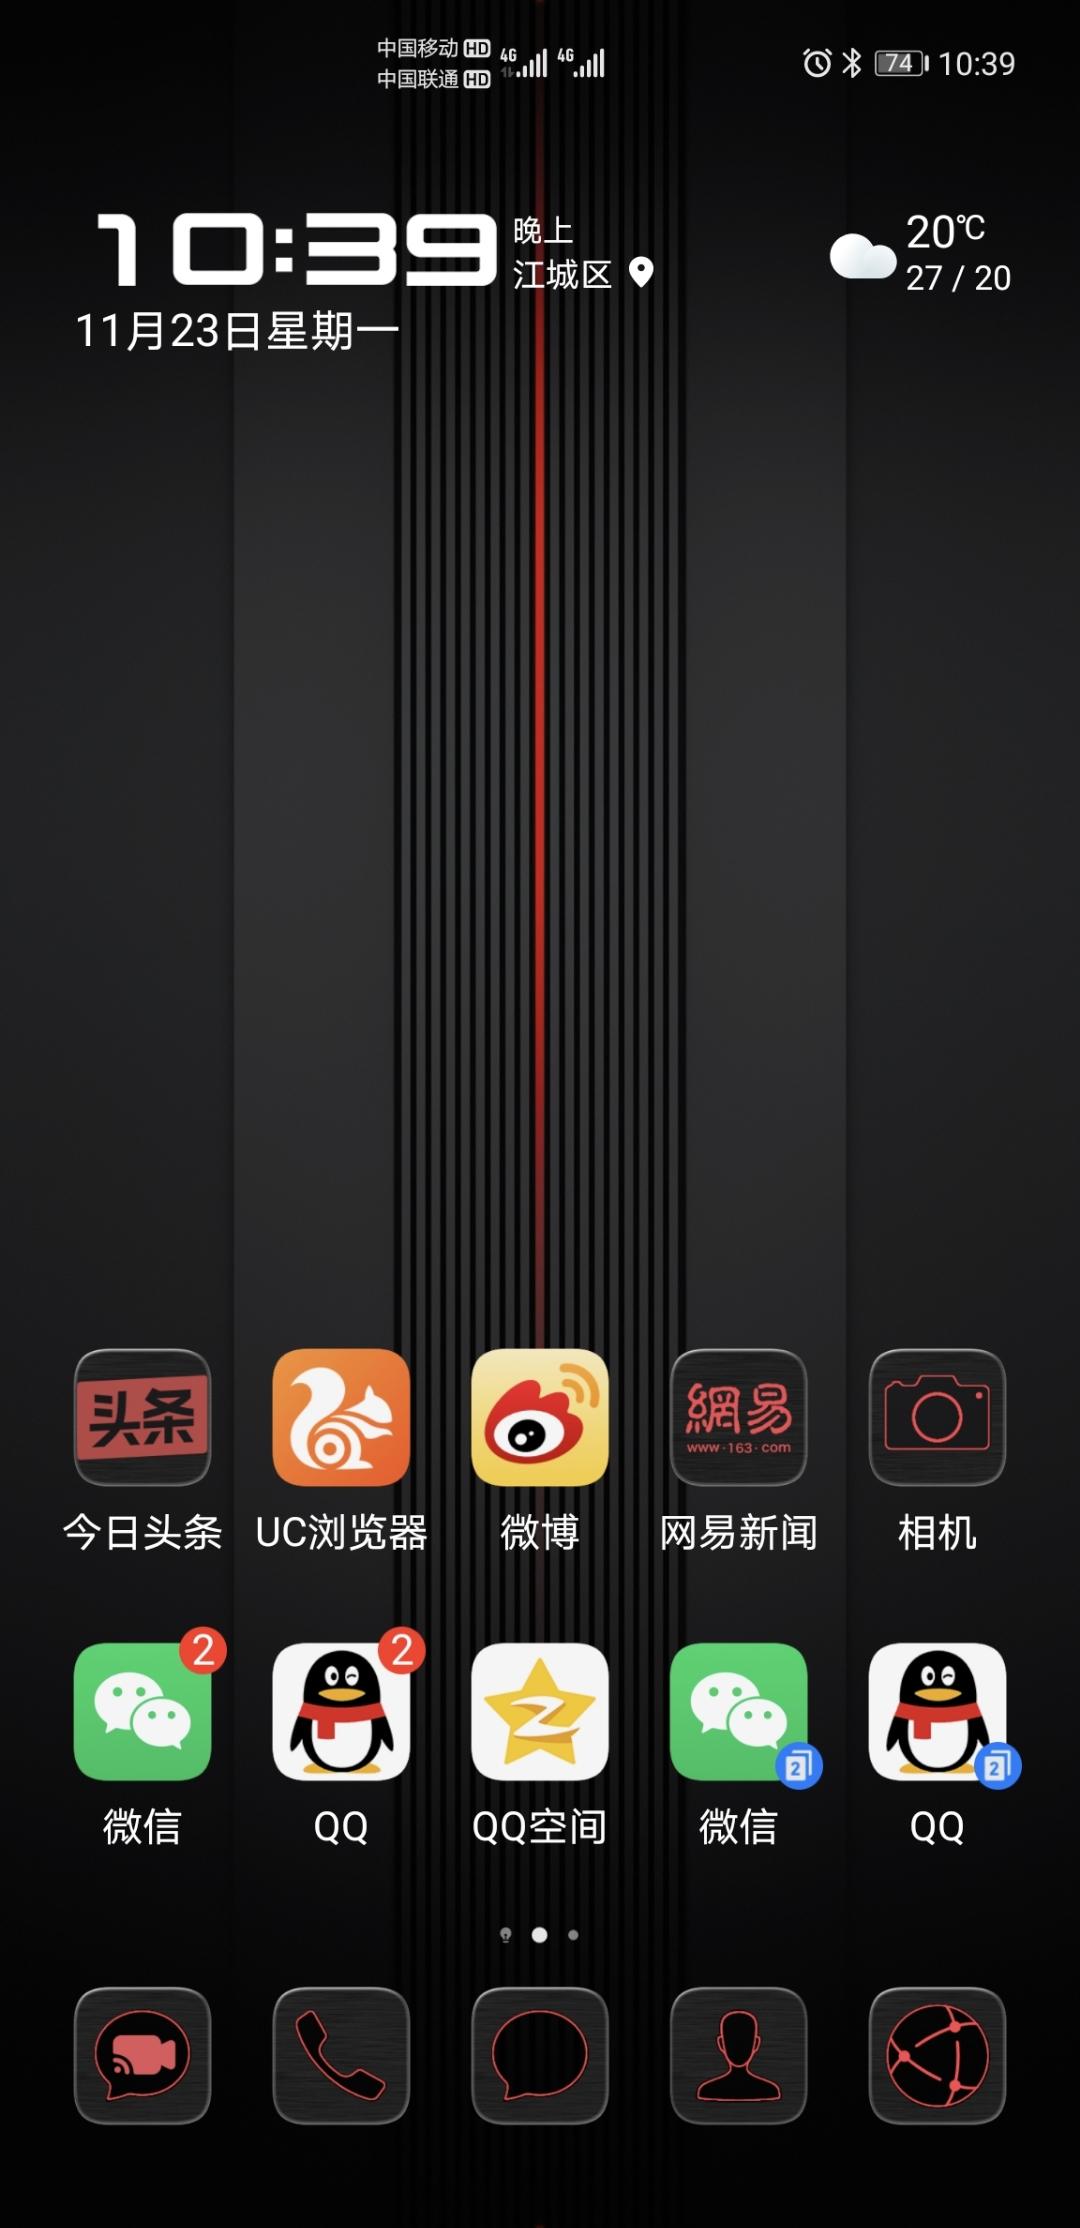 Screenshot_20201123_223945_com.huawei.android.launcher.jpg